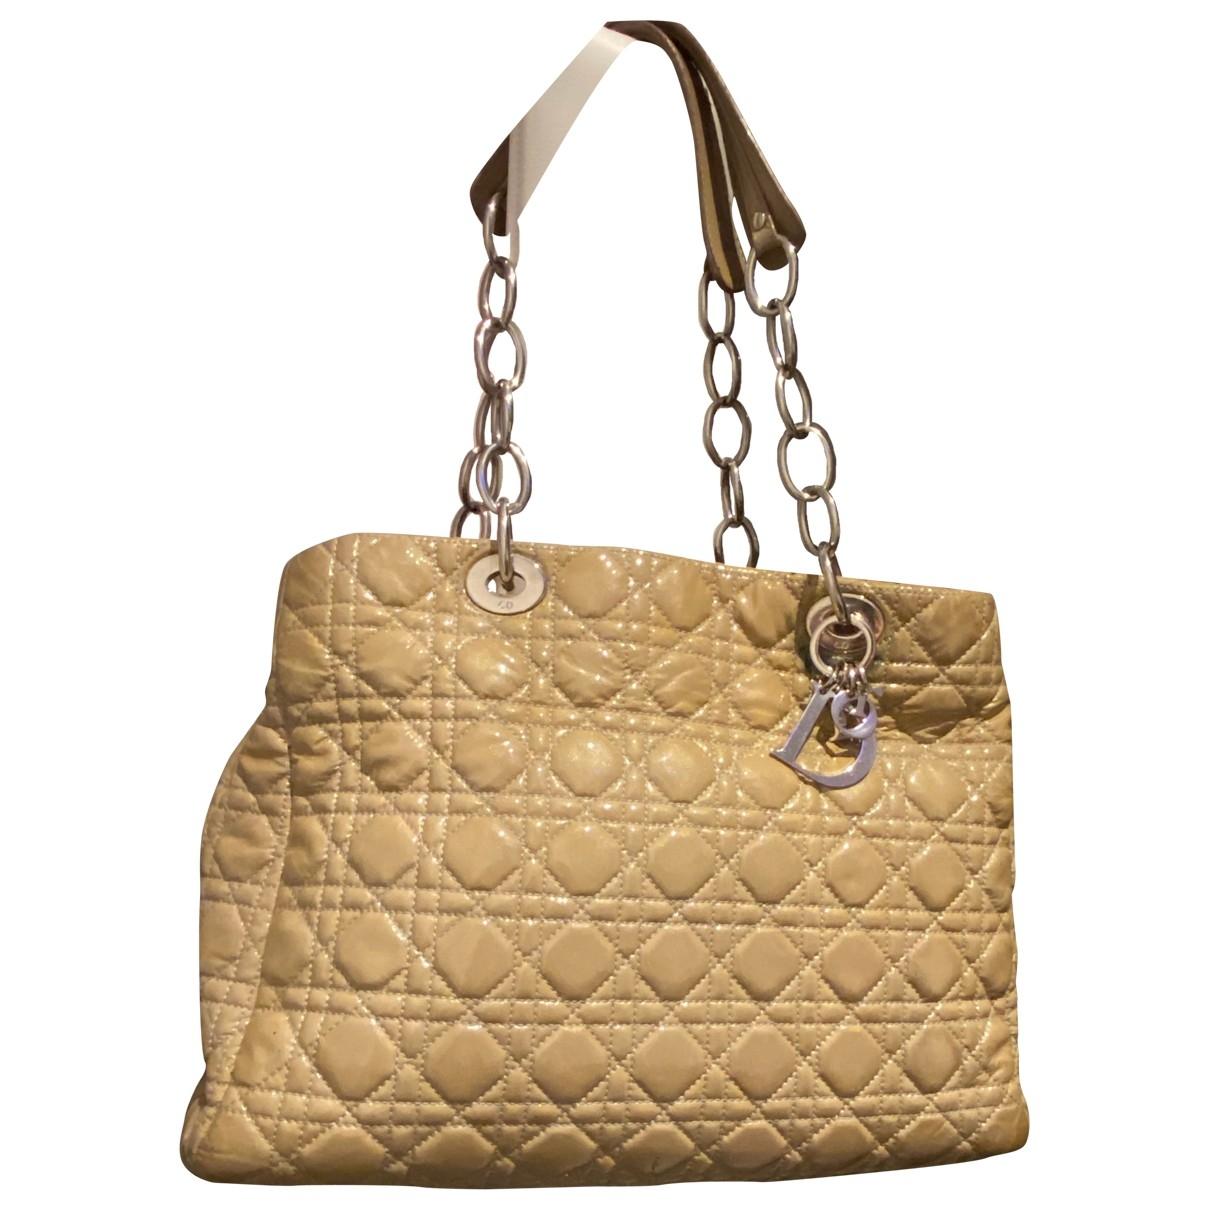 Dior - Sac a main Dior Soft Shopping pour femme en cuir verni - gris